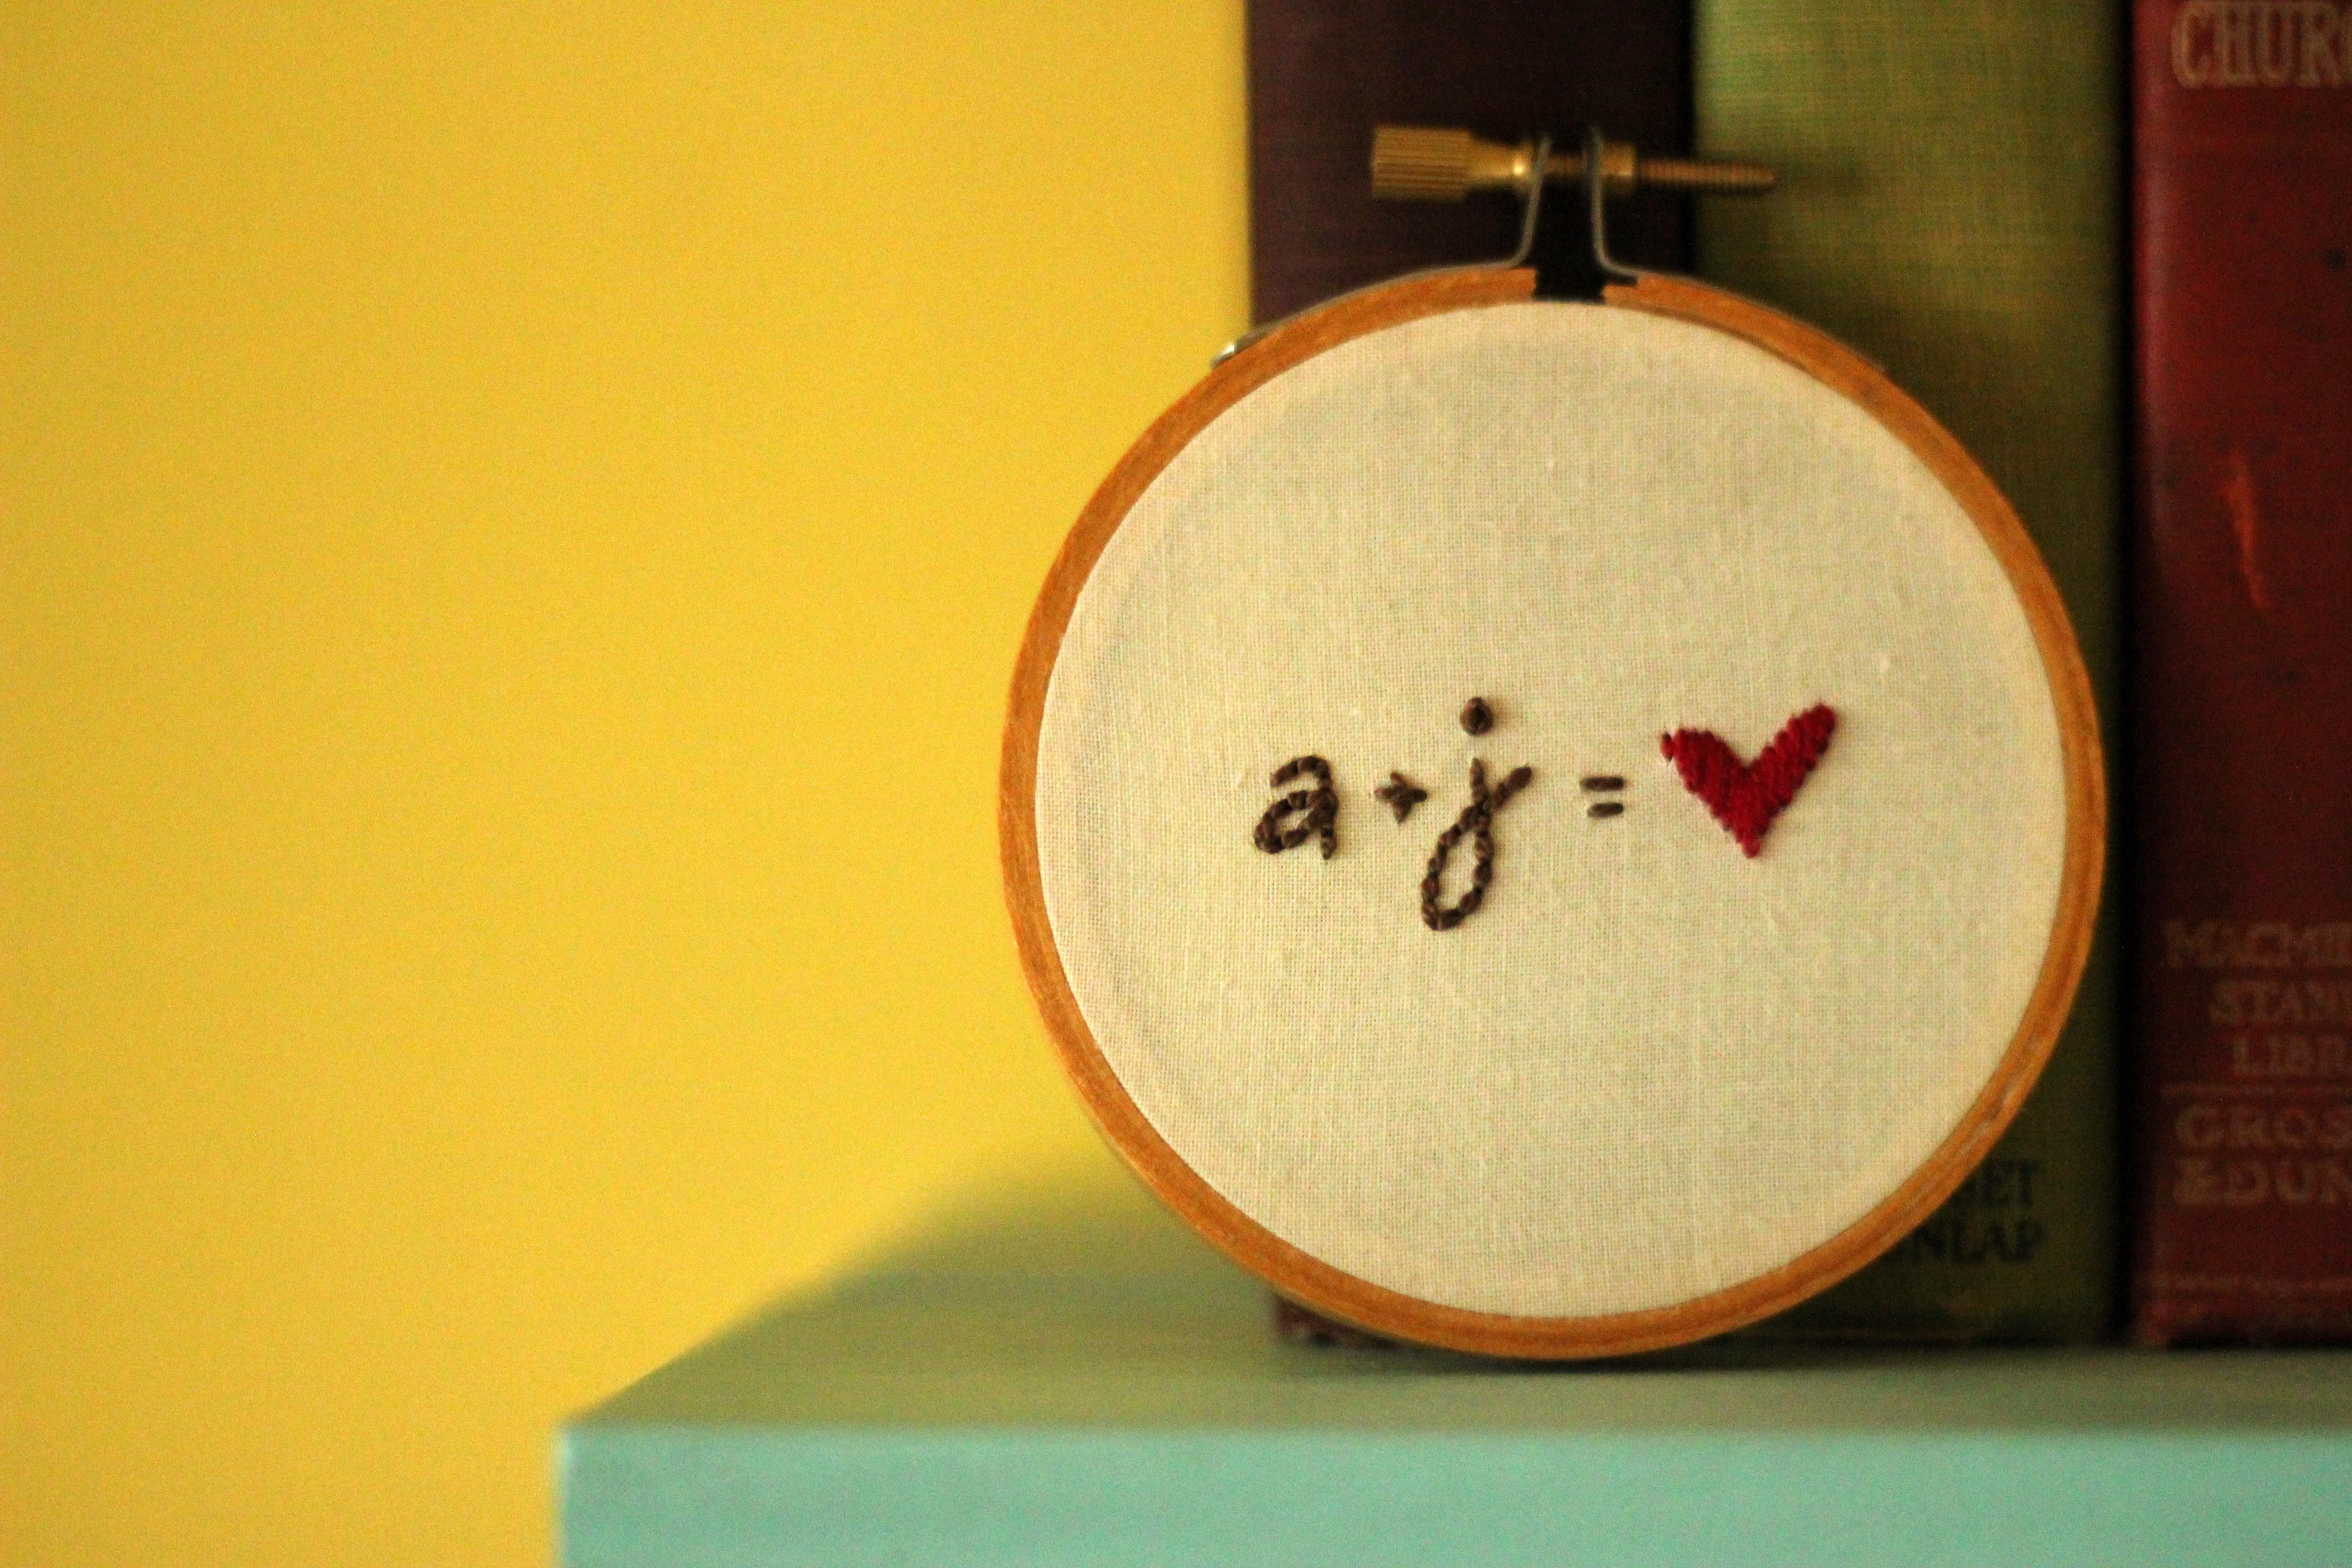 a + j = love